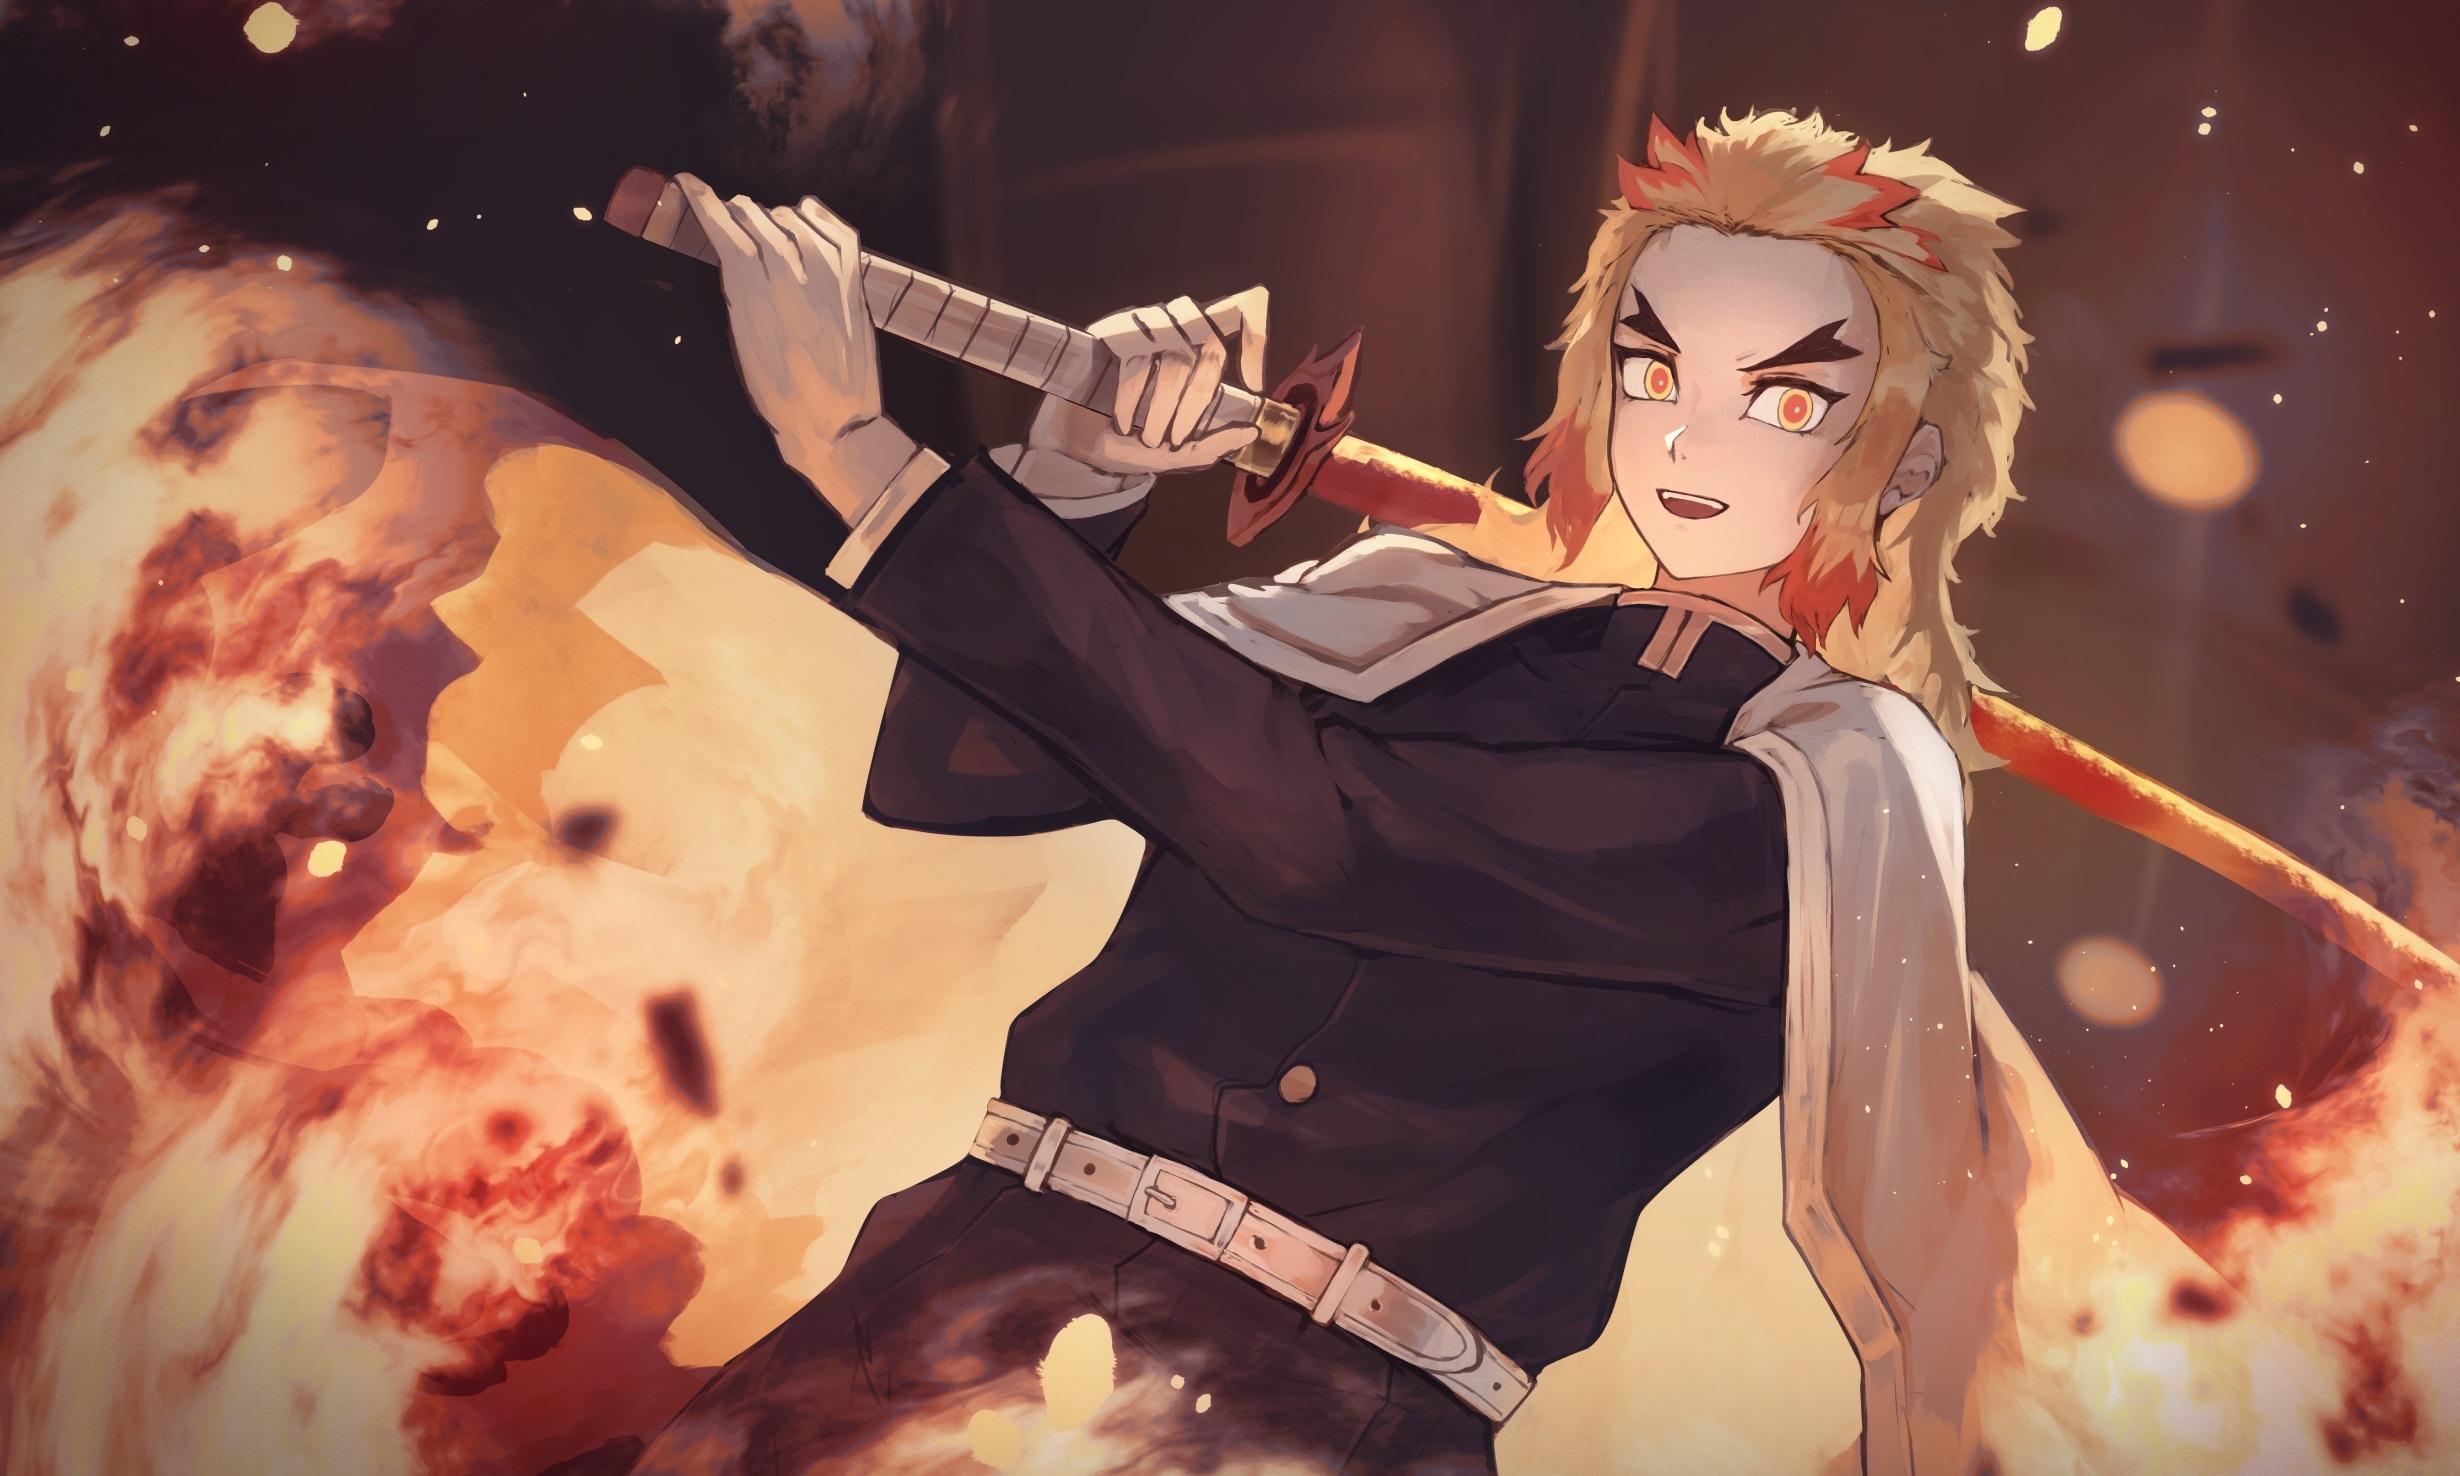 Kyojuro Rengoku Kimetsu no Yaiba Wallpaper, HD Anime 4K ...